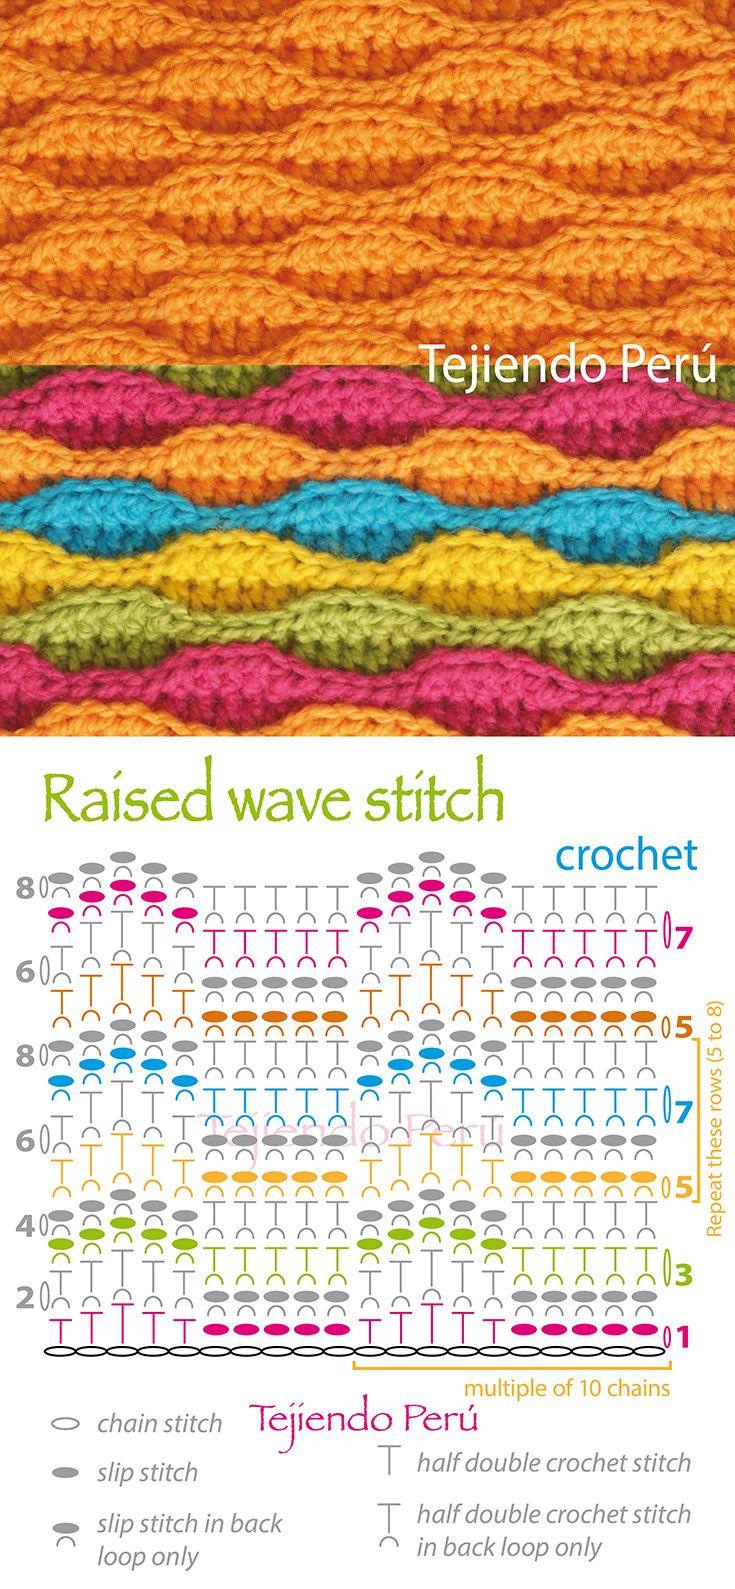 Crochet: textured wave stitch diagram!